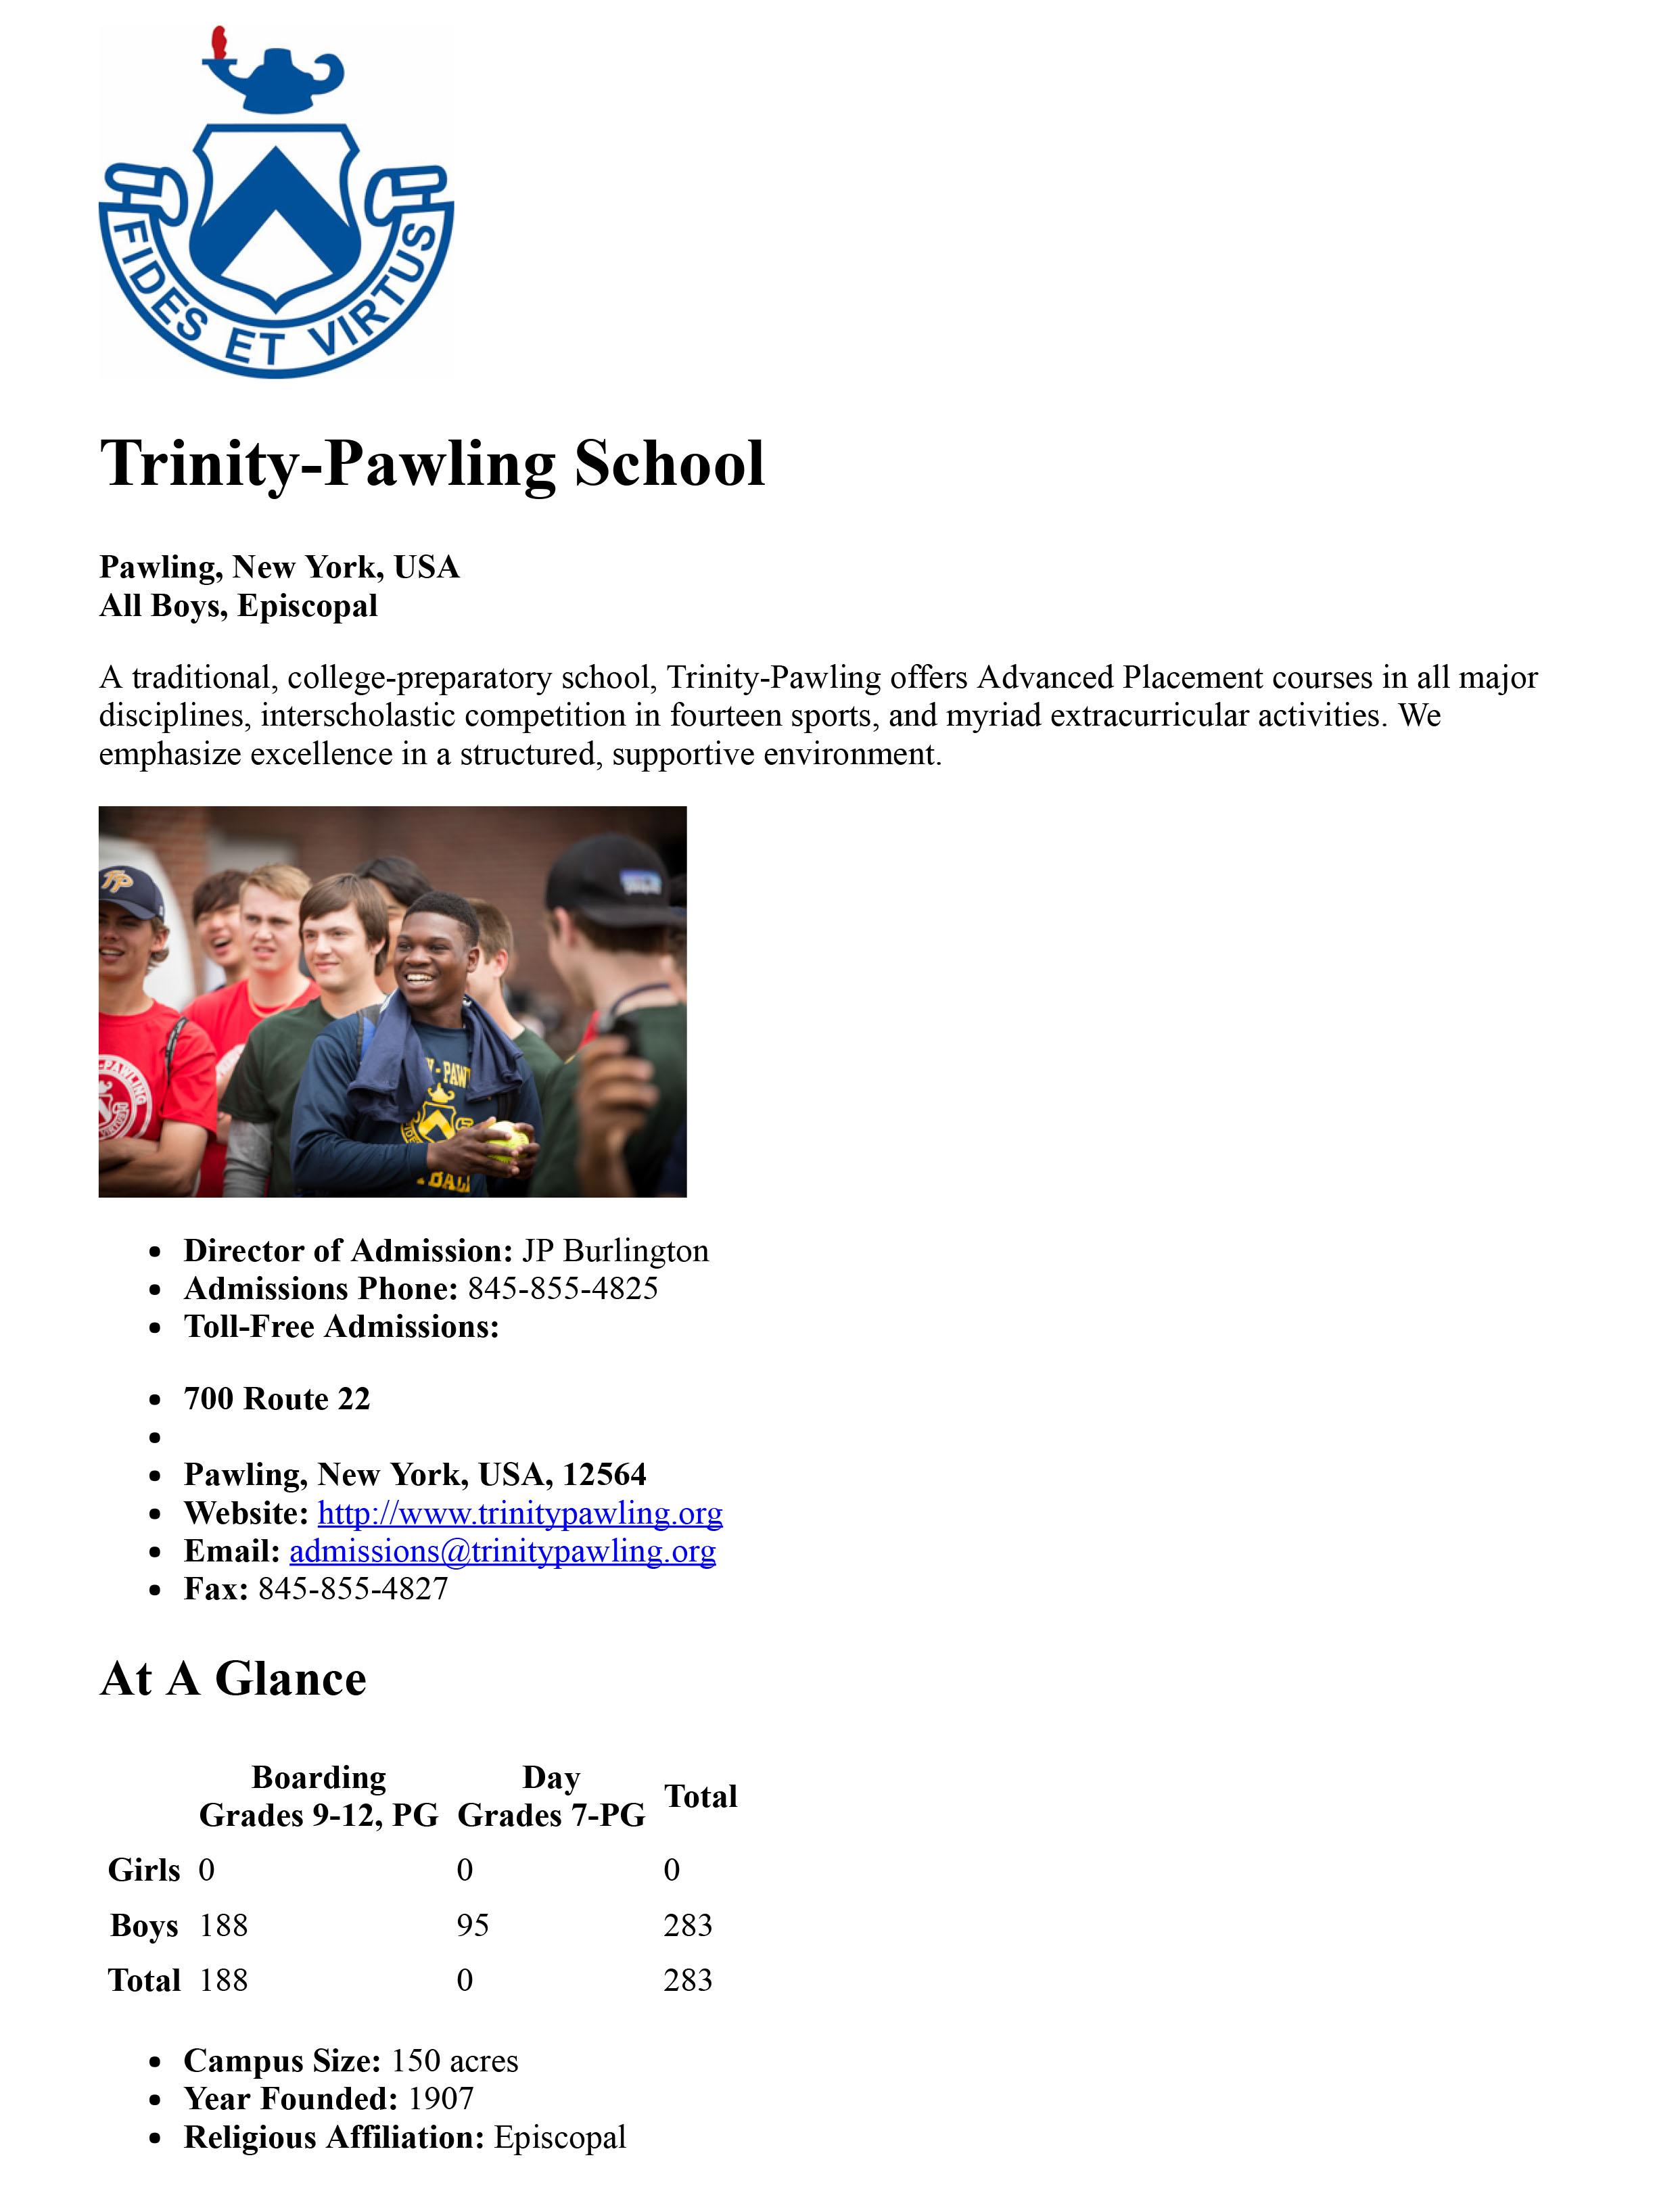 Trinity-Pawling School-1